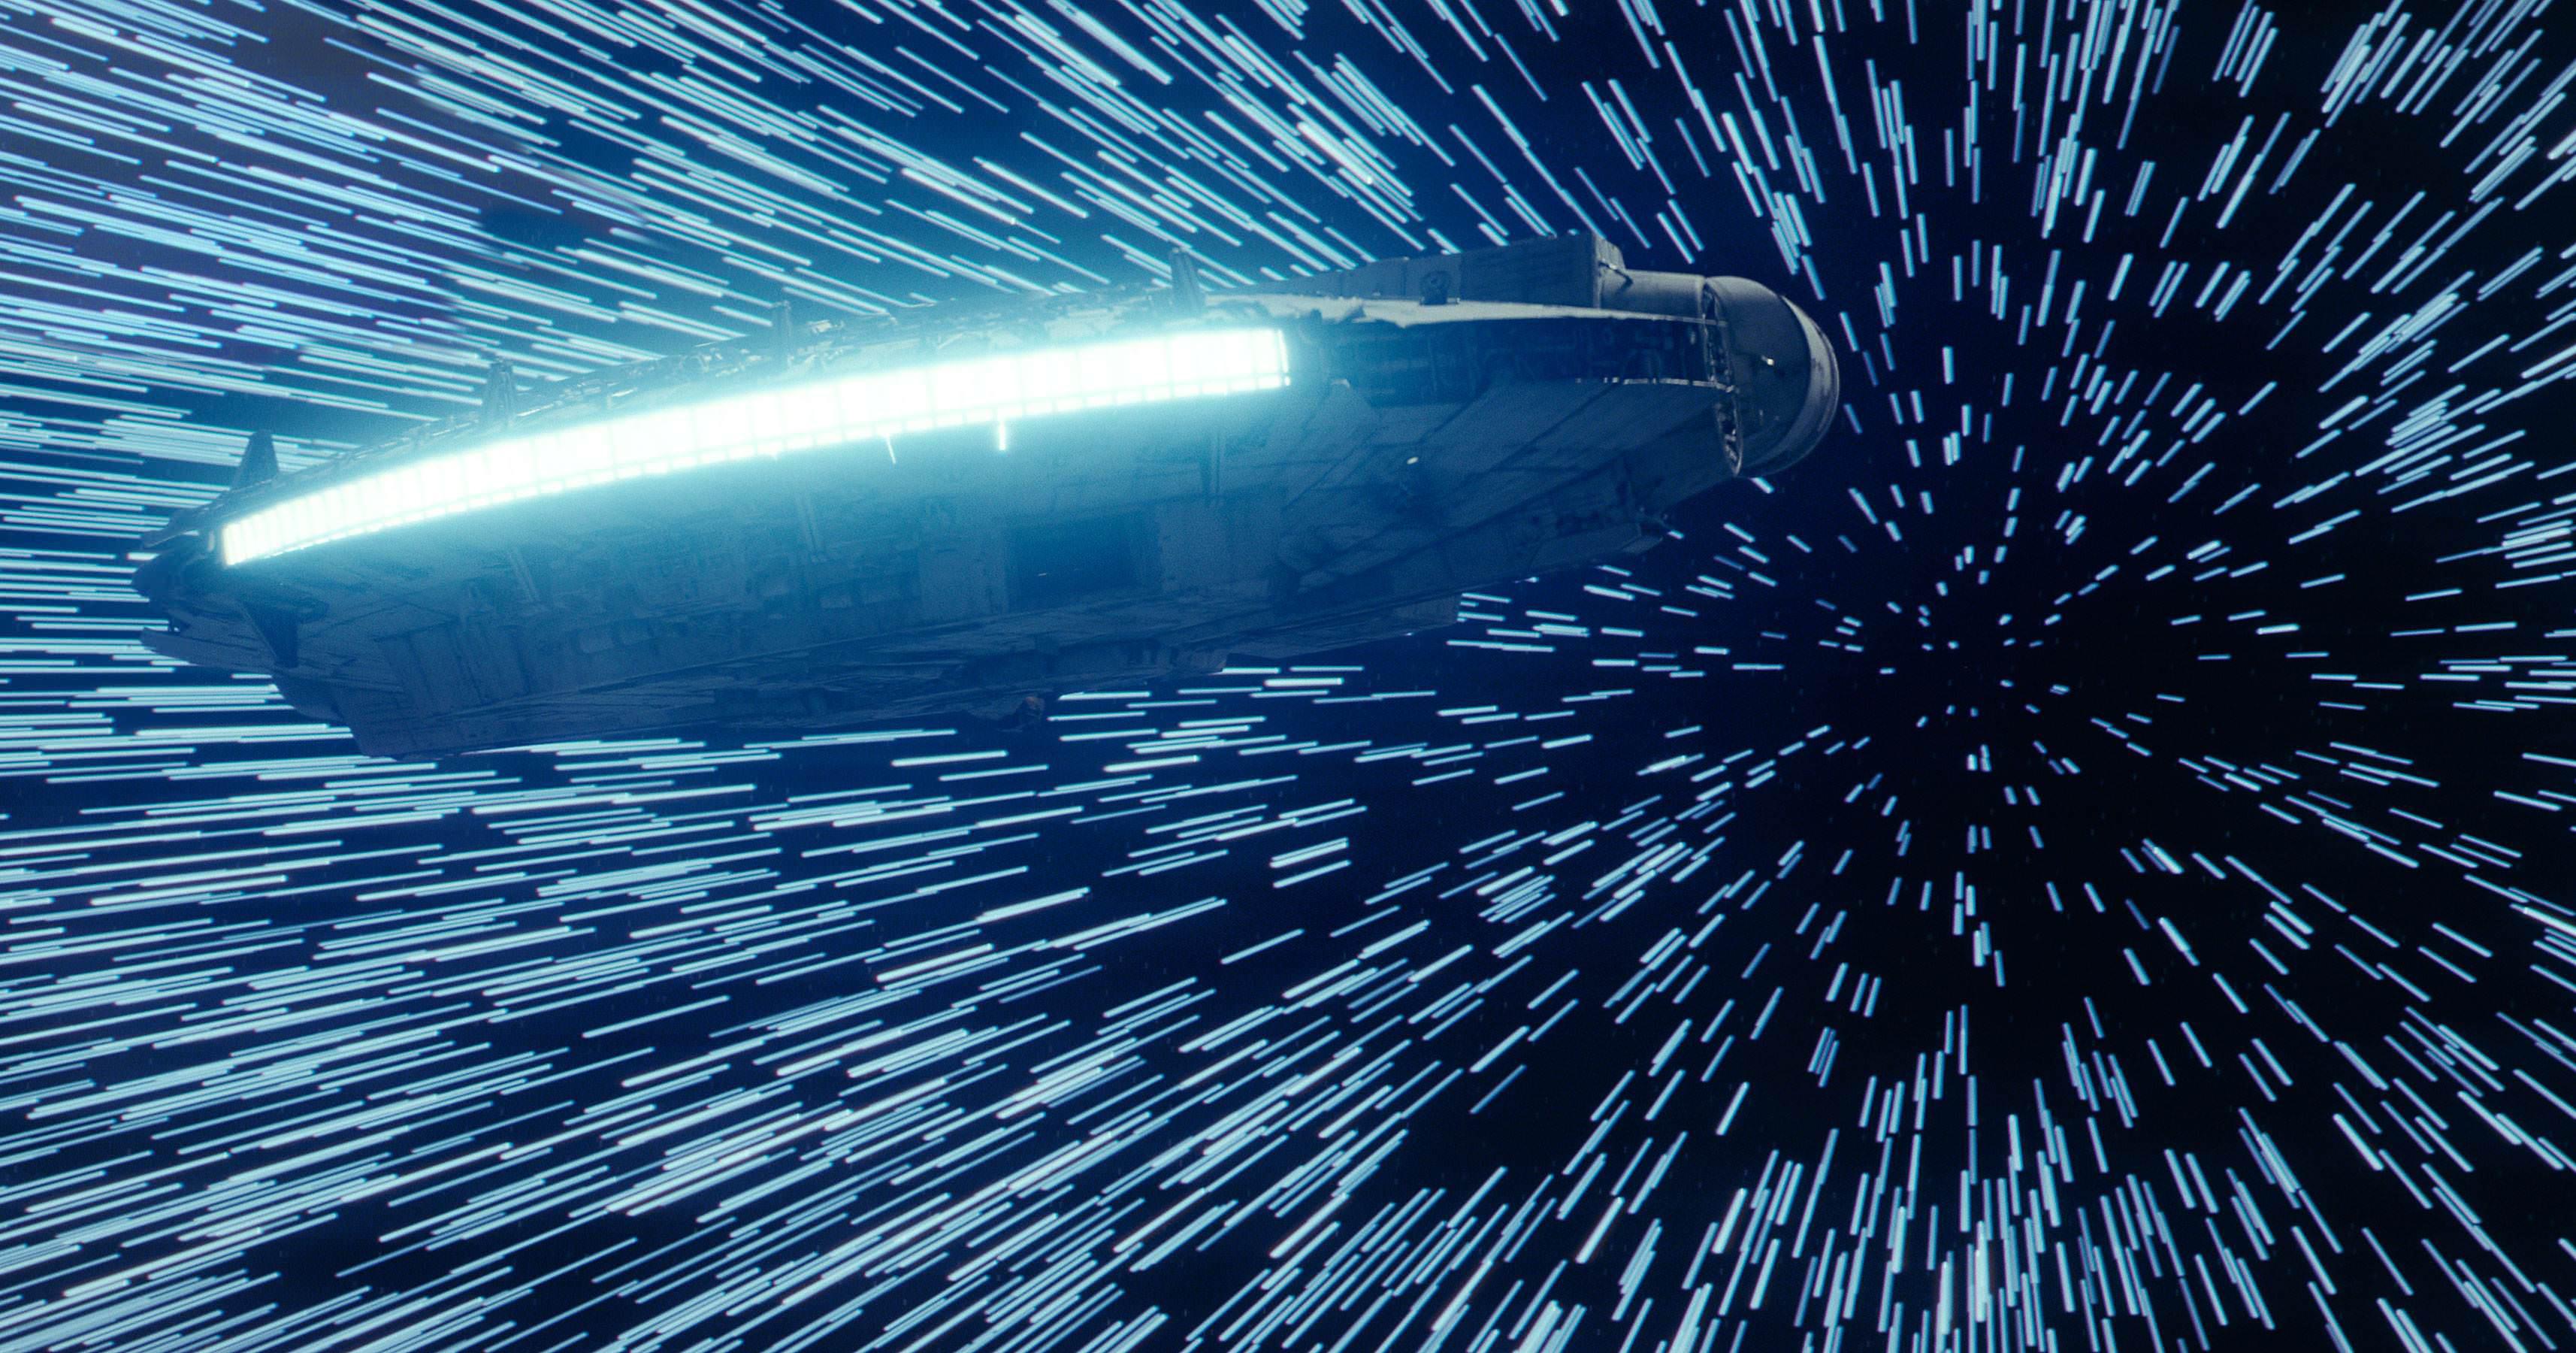 Star Wars The Last Jedi Hd Wallpaper Background Image 3428x1800 Id 884742 Wallpaper Abyss